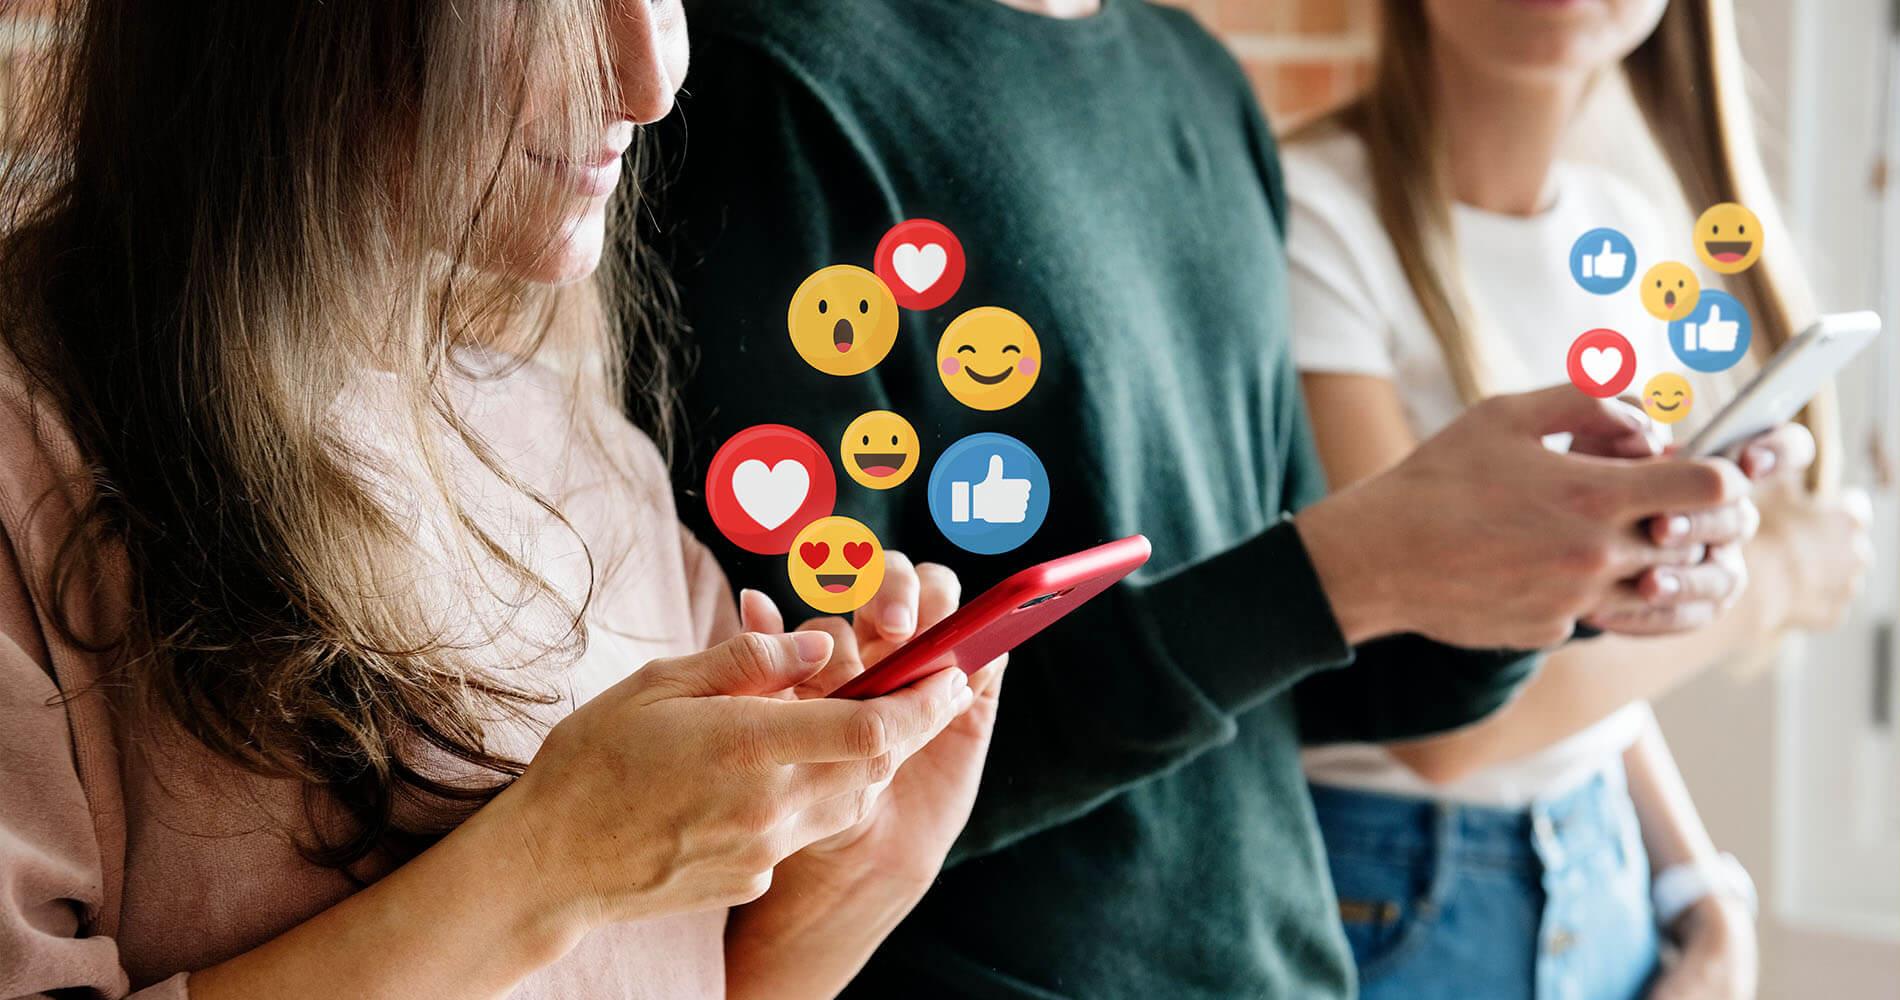 Sosyal ağlar, mesajlaşma programları siber dolandırıcılar tarafından istismar ediliyor